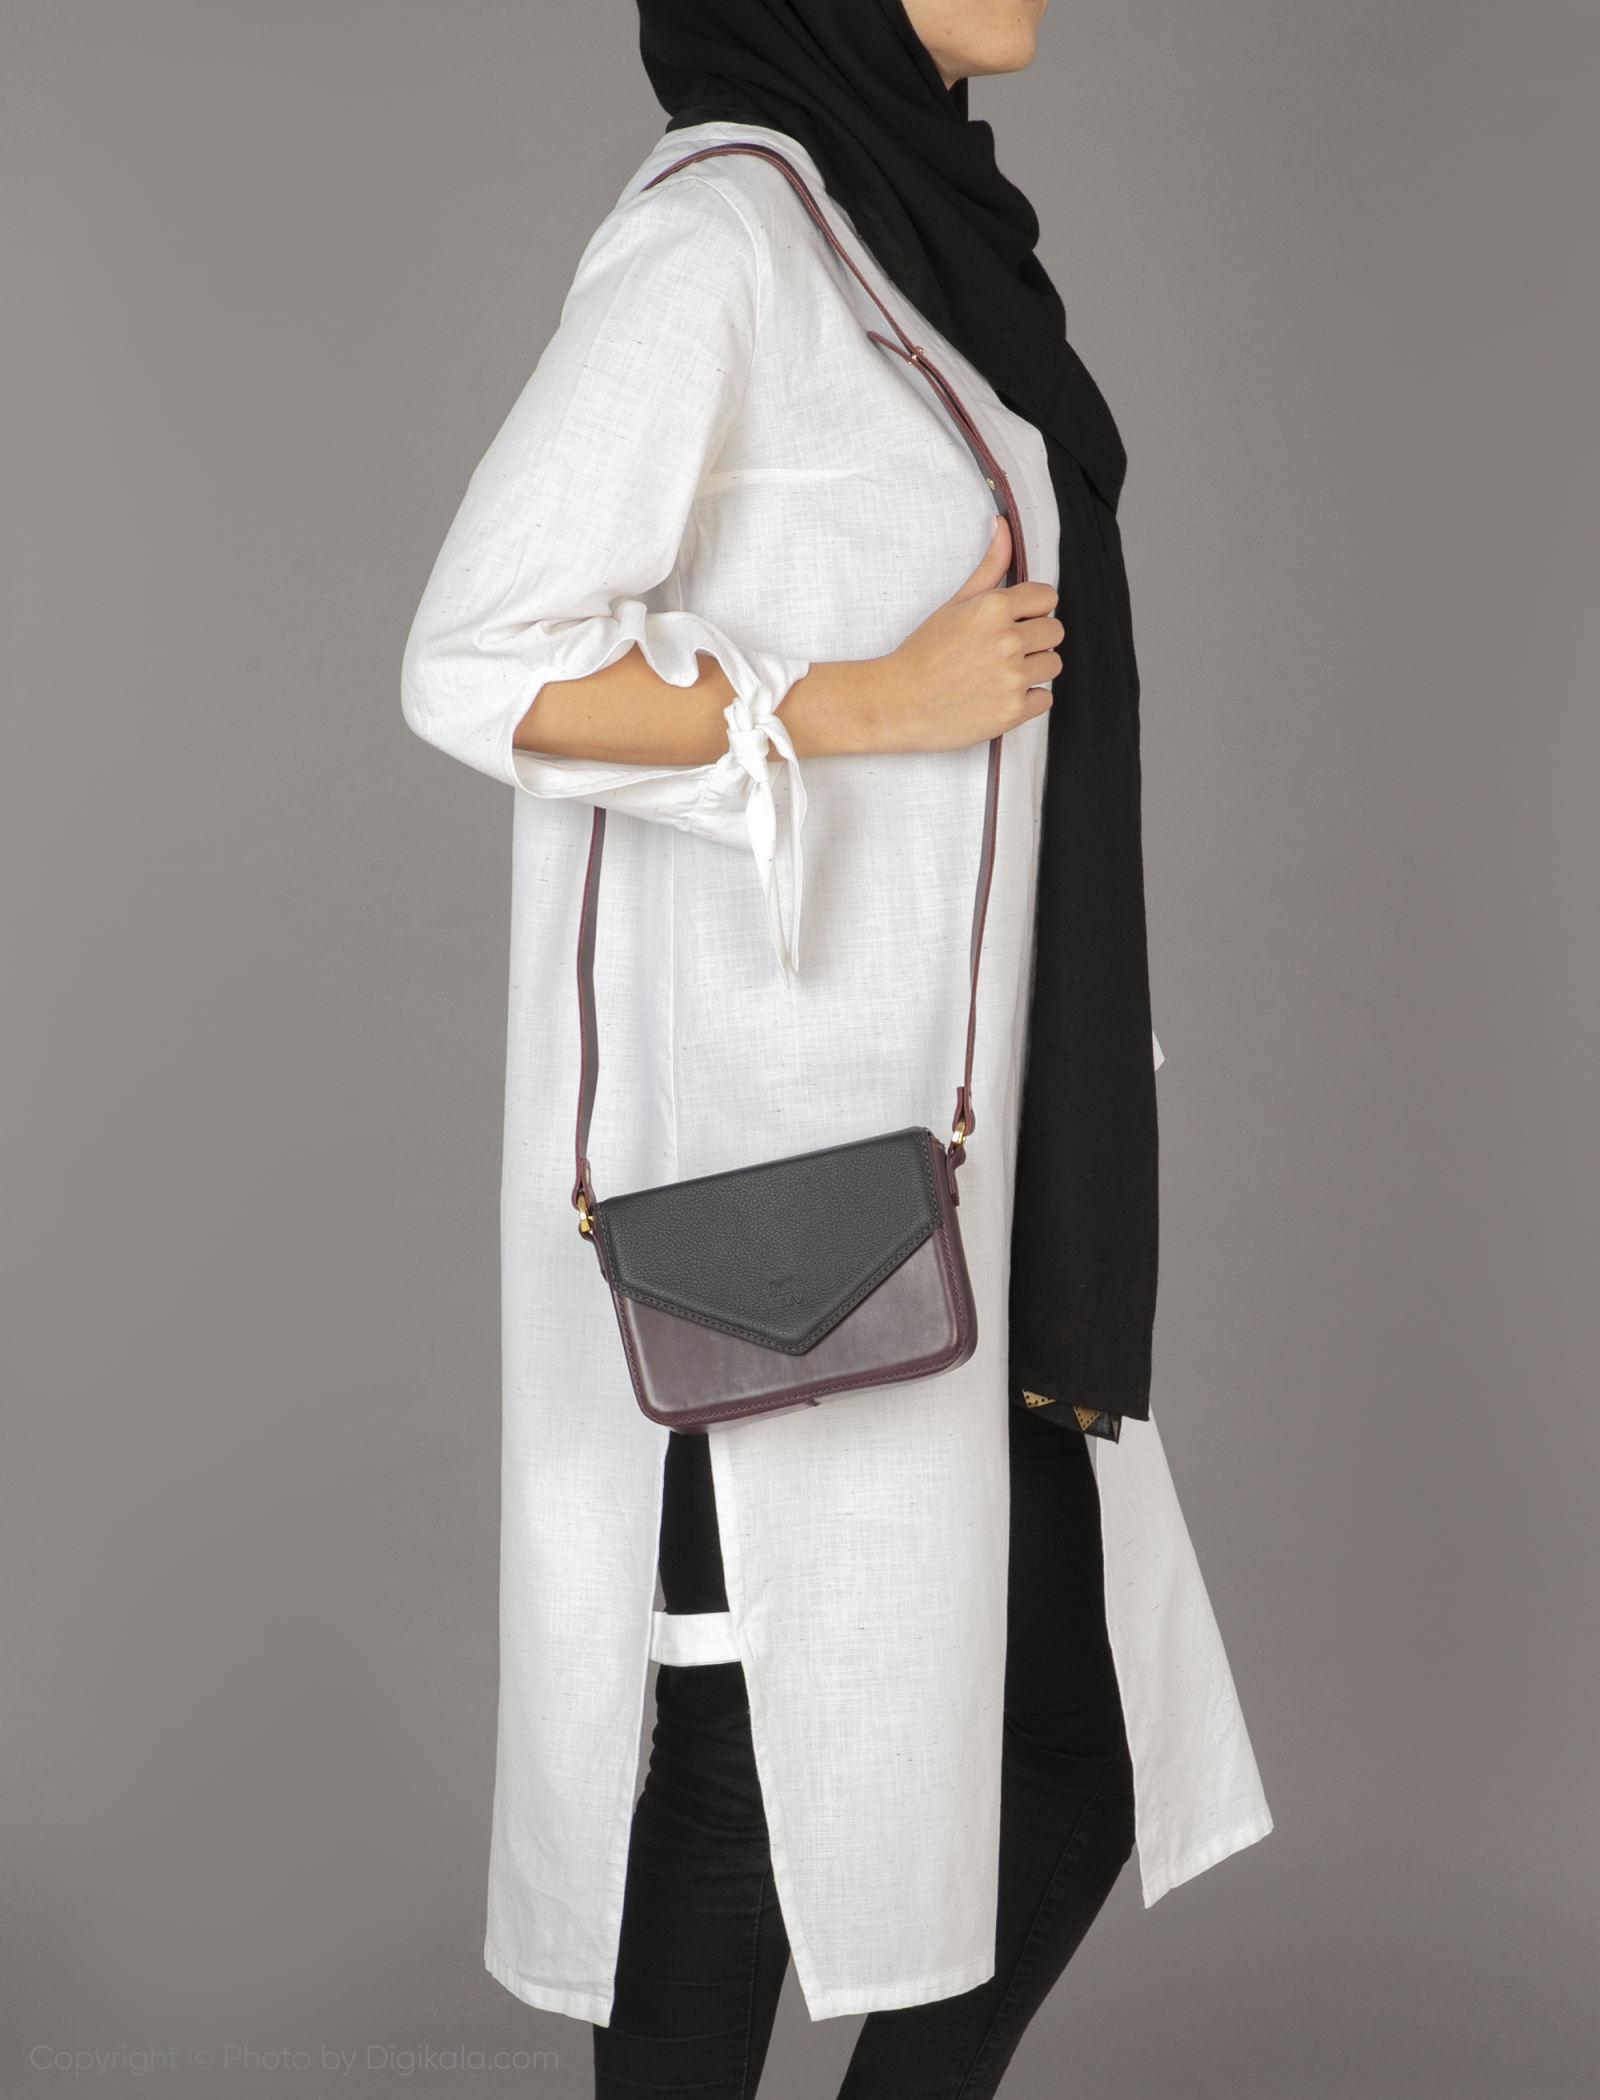 کیف دوشی زنانه دیو مدل 1573115-7099 -  - 2